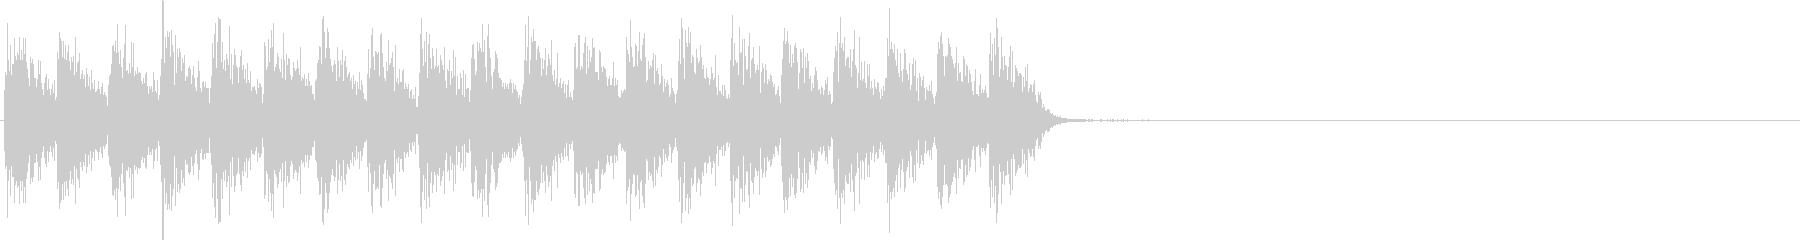 ガガガ...。発砲音G(連射・長め)の未再生の波形